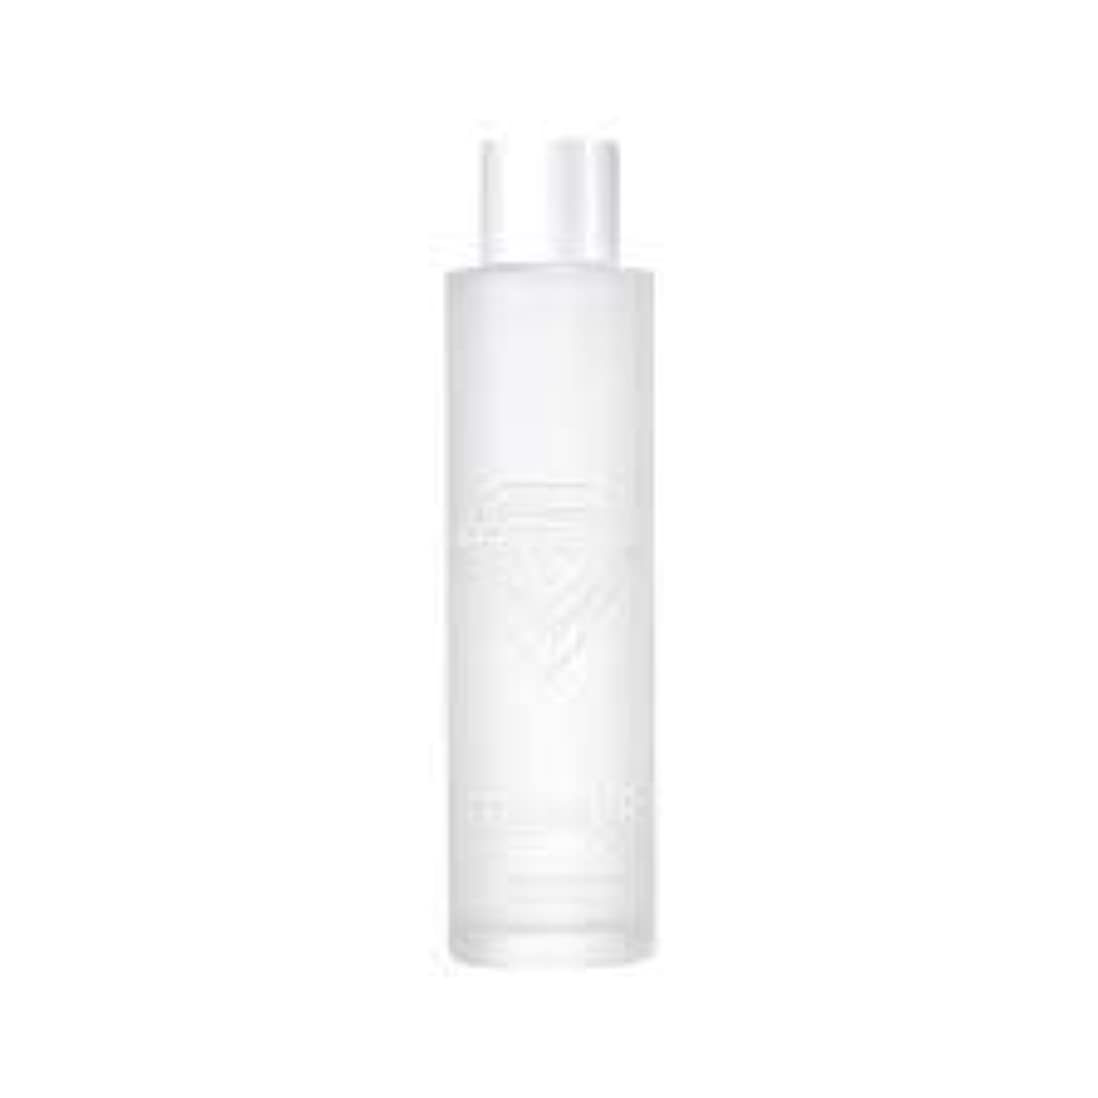 急勾配の伝統バンガローCREMORLAB ブラン?デ? cremor 光沢トナー 150ml-皮膚のすべての層の色素沈着の問題を改善するのに役立ち、乾燥とくすみを取り除きます